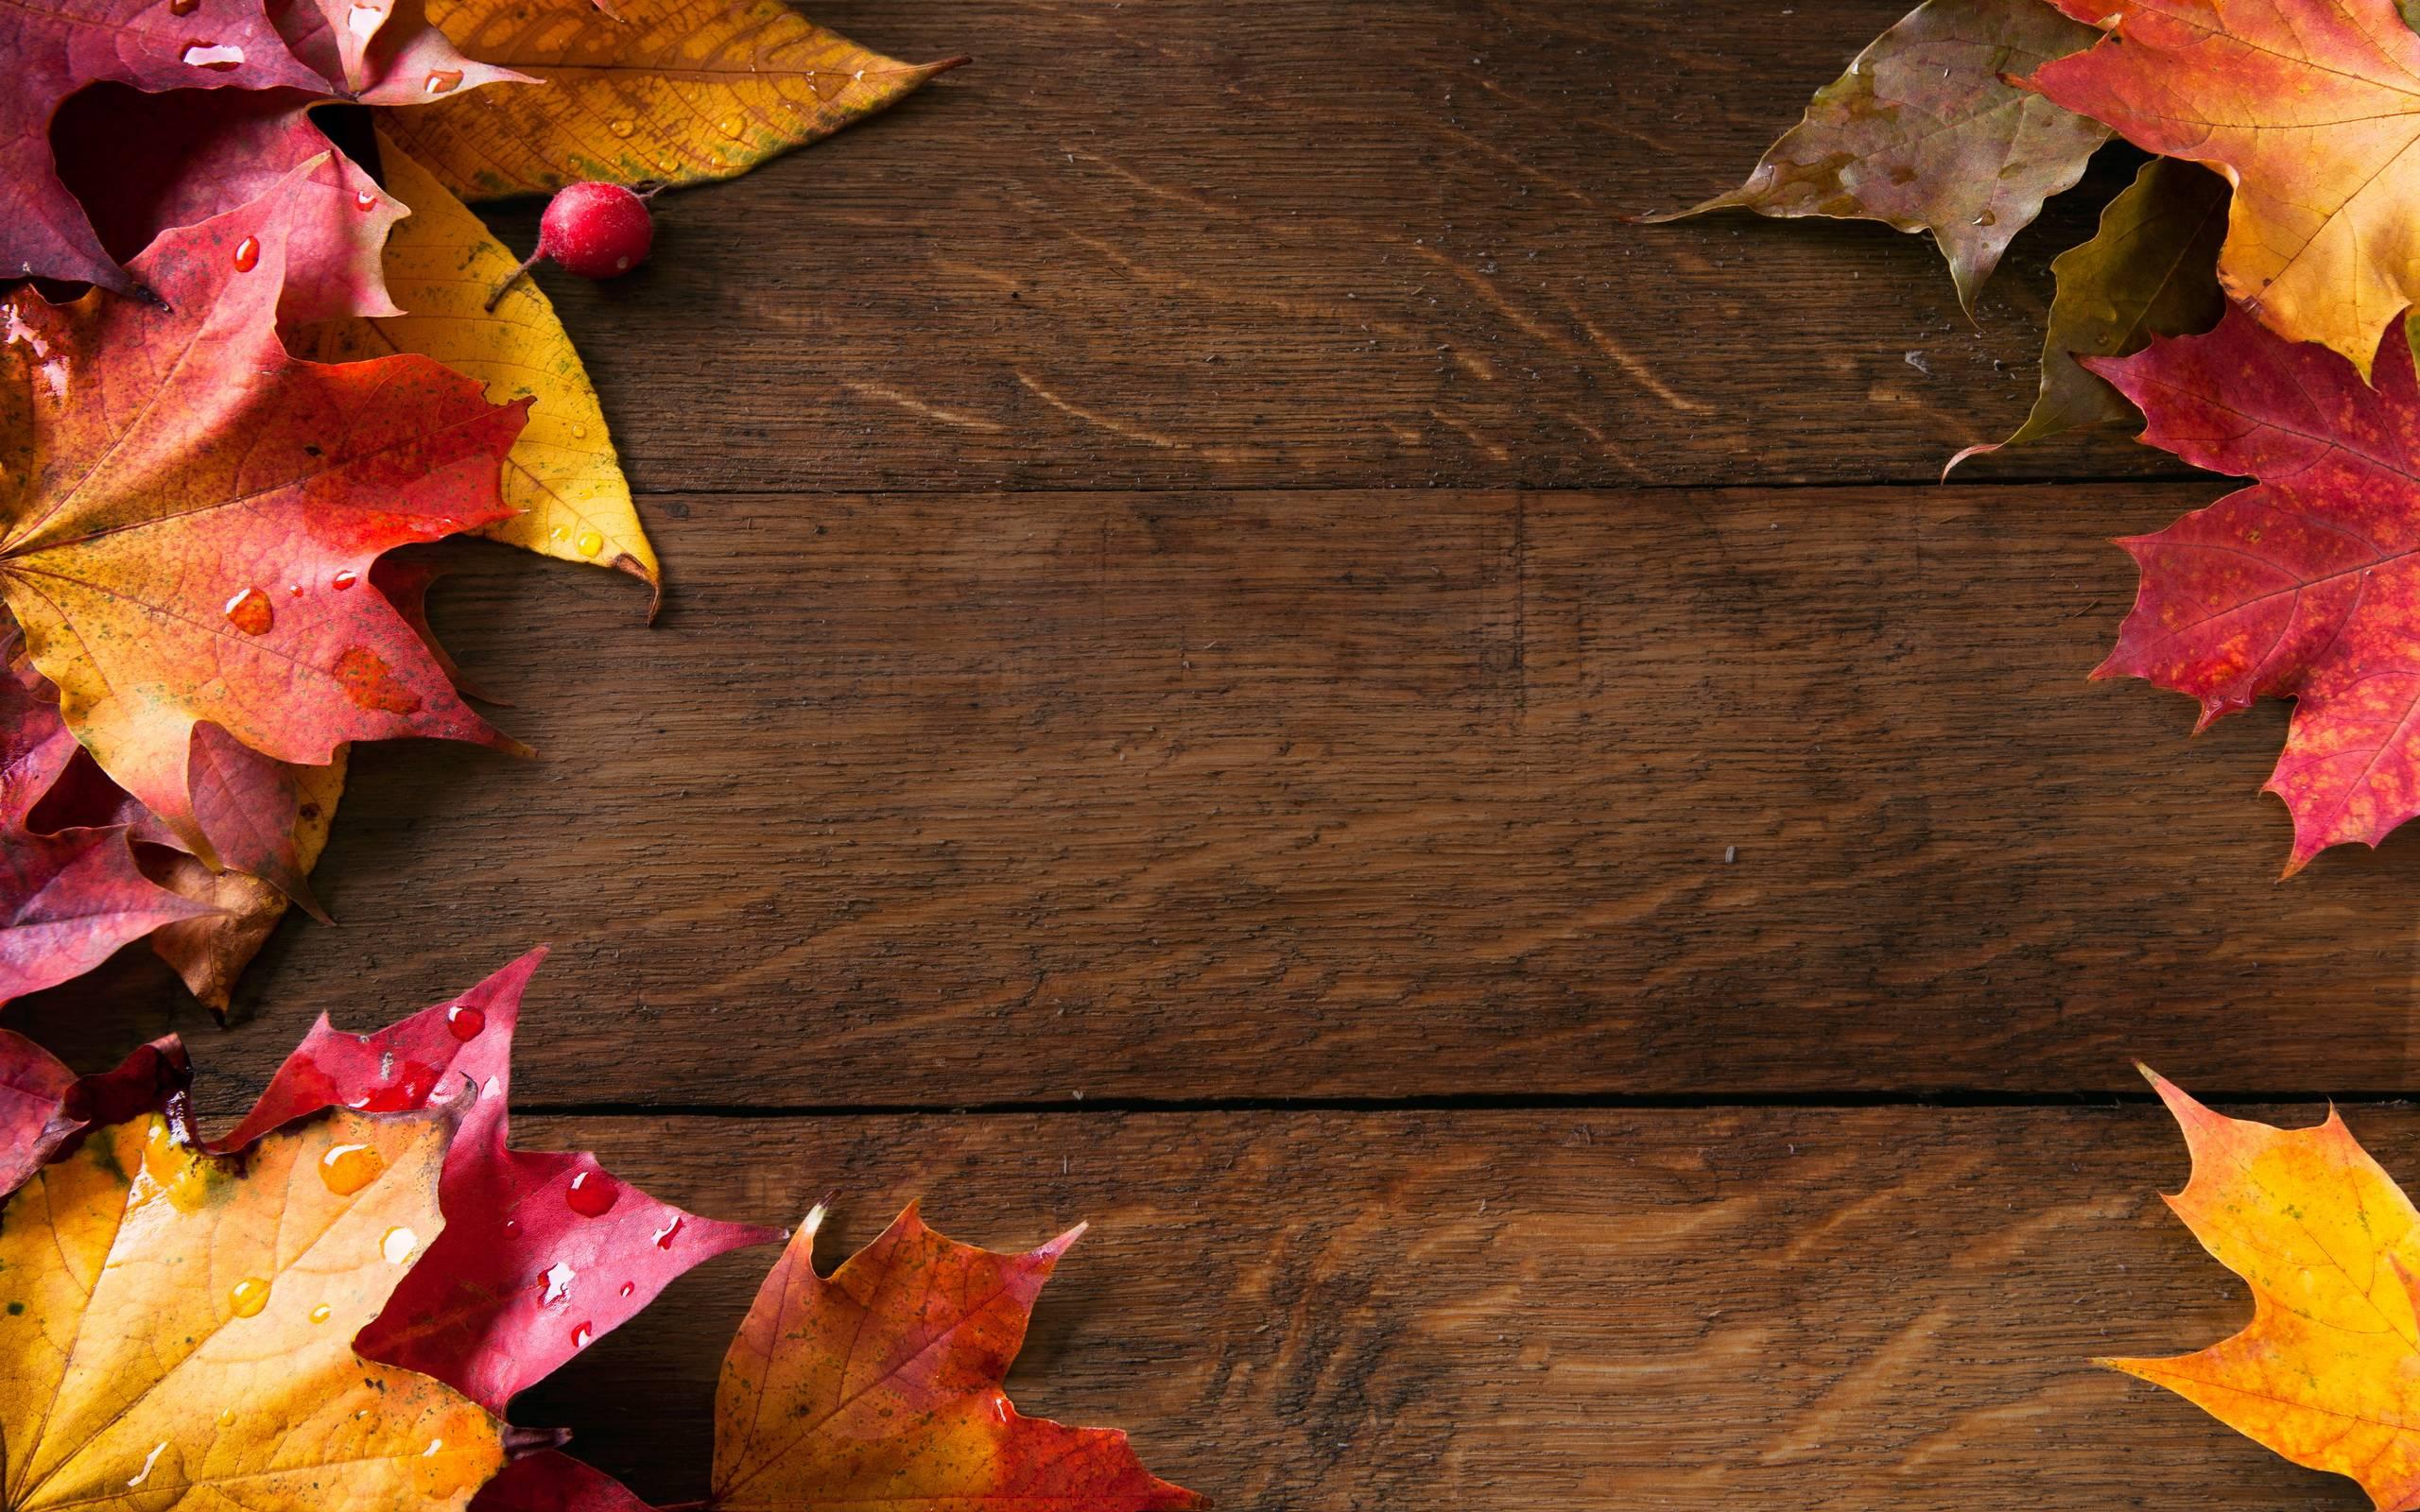 autumn wallpaper 007 free - photo #22